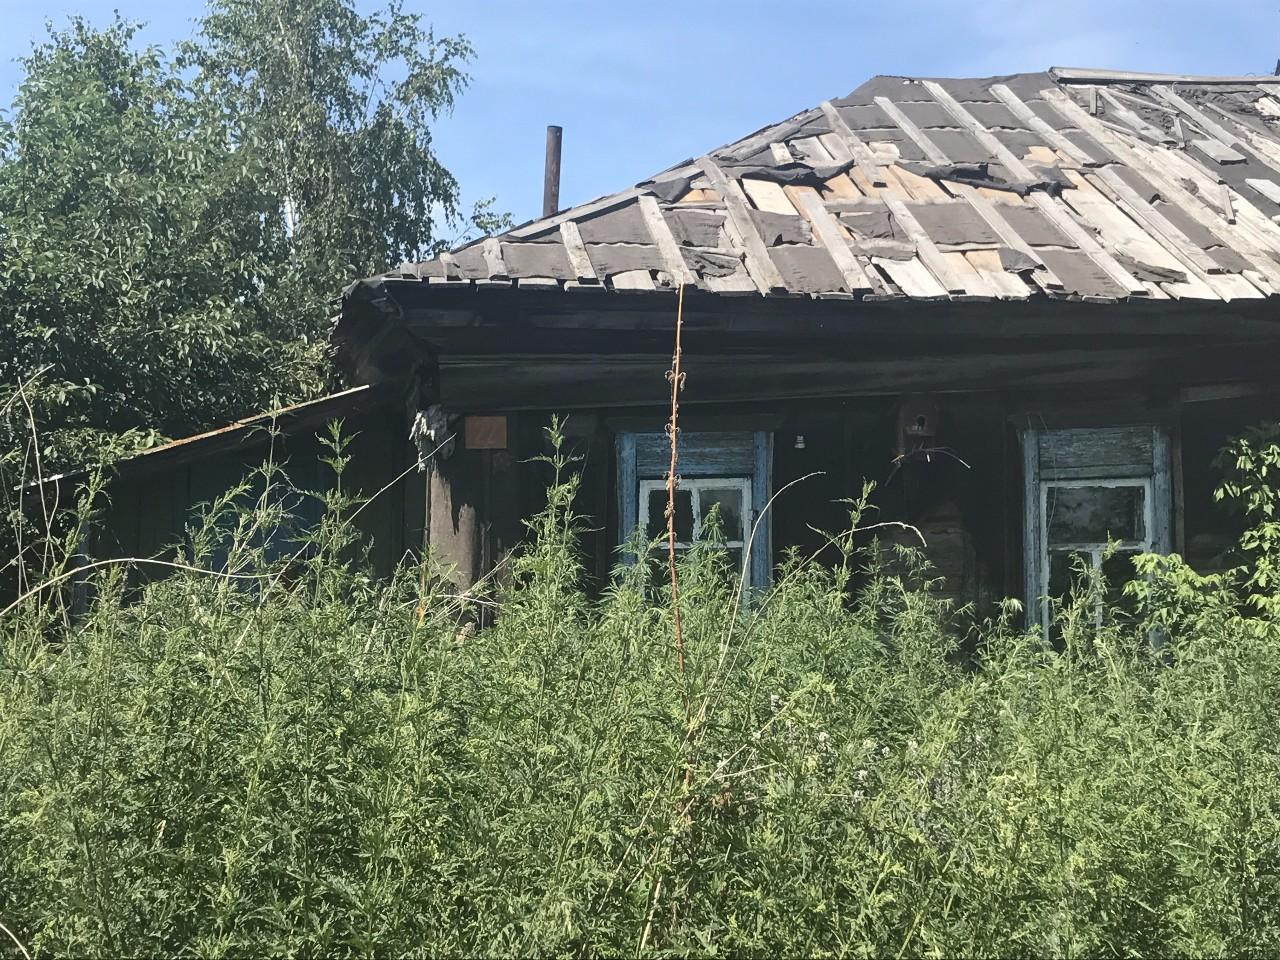 Дом на продажу по адресу Россия, Алтайский край, р-н. Калманский, с. Калманка, ул. Социалистическая